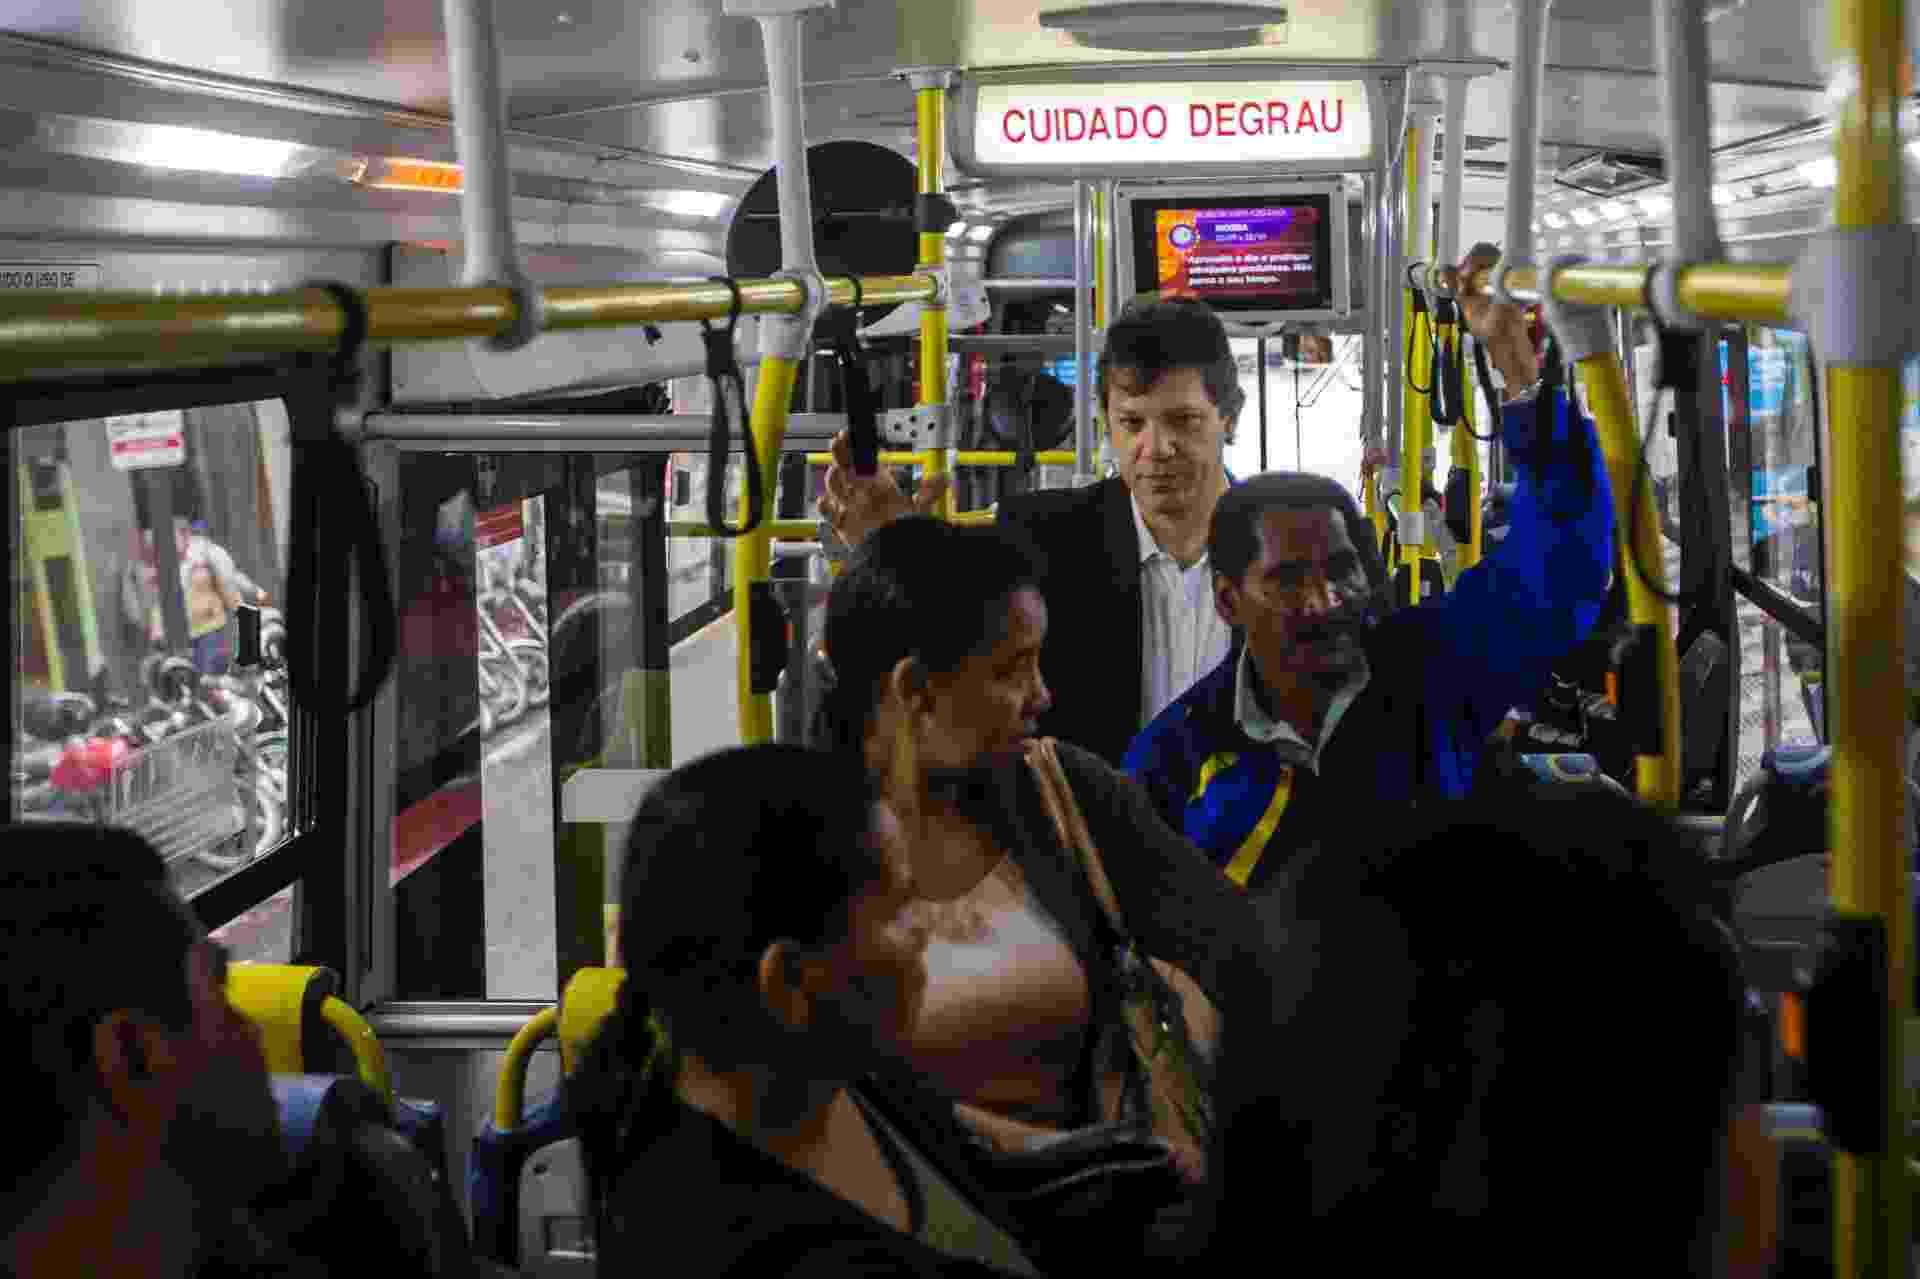 O prefeito de São Paulo, Fernando Haddad, durante viagem de ônibus. Pelo segundo dia, o prefeito foi ao trabalho de transporte público, pagou com Bilhete Único e conversou com passageiros - Apu Gomes/Folhapress